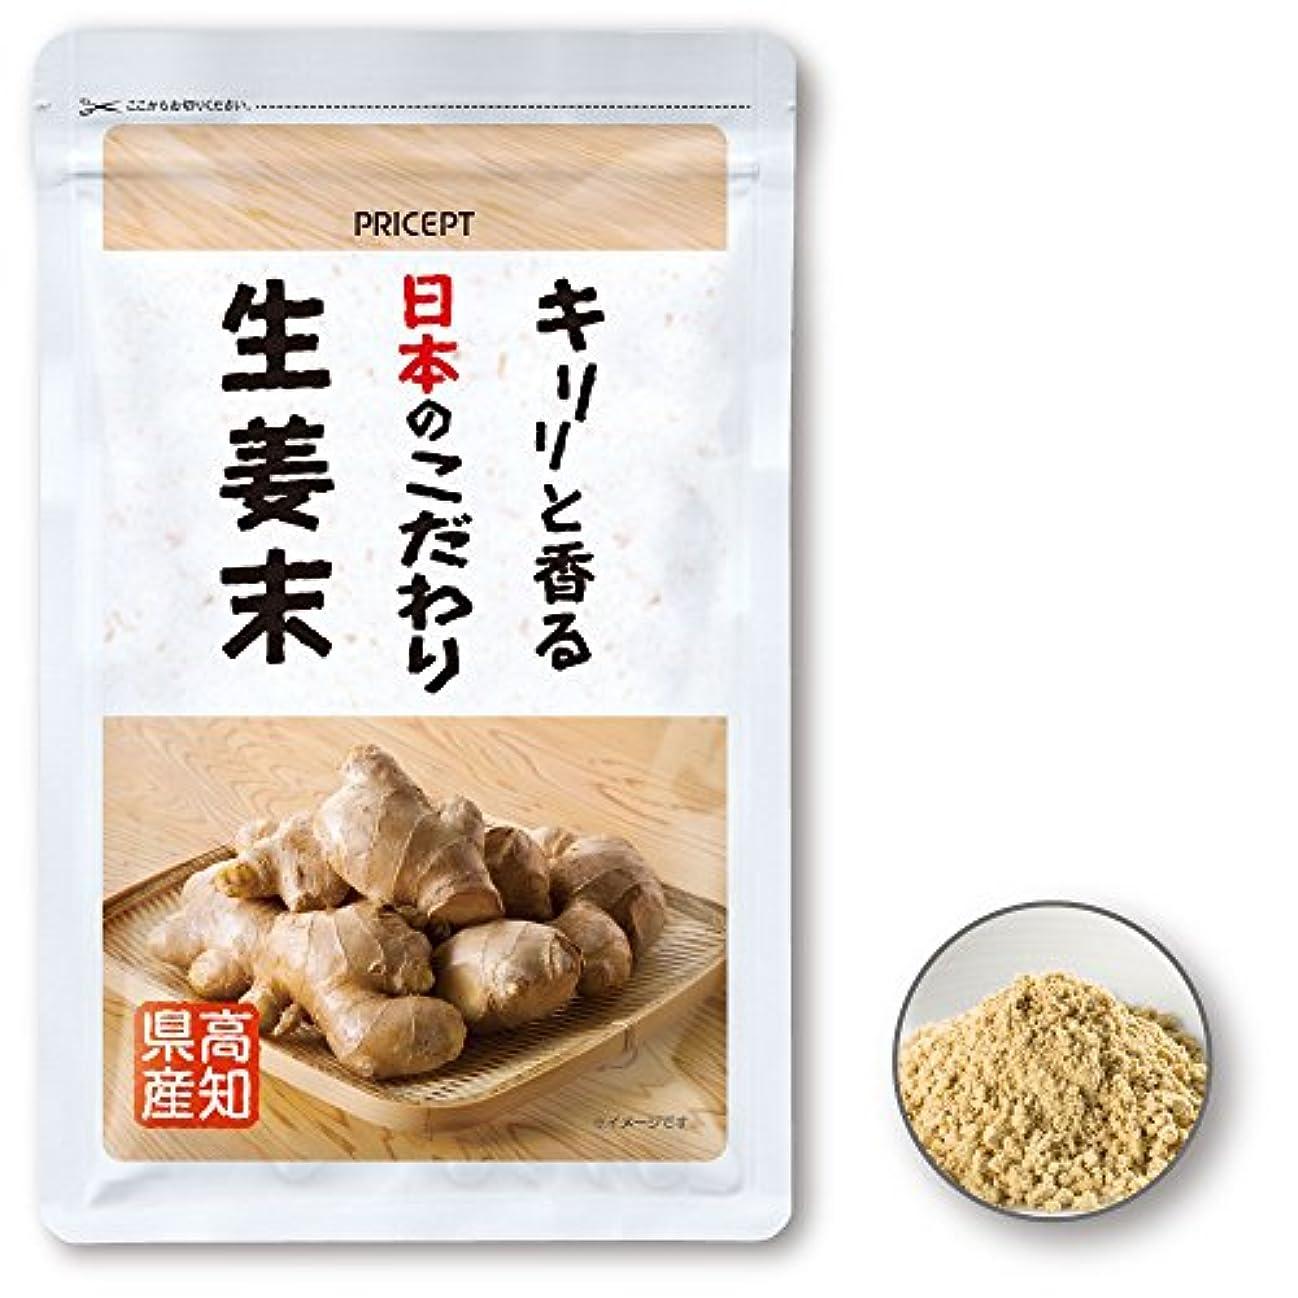 チョップ基礎理論鋸歯状プリセプト キリリと香る日本のこだわり生姜末 50g(単品)(高知県産しょうが粉末)